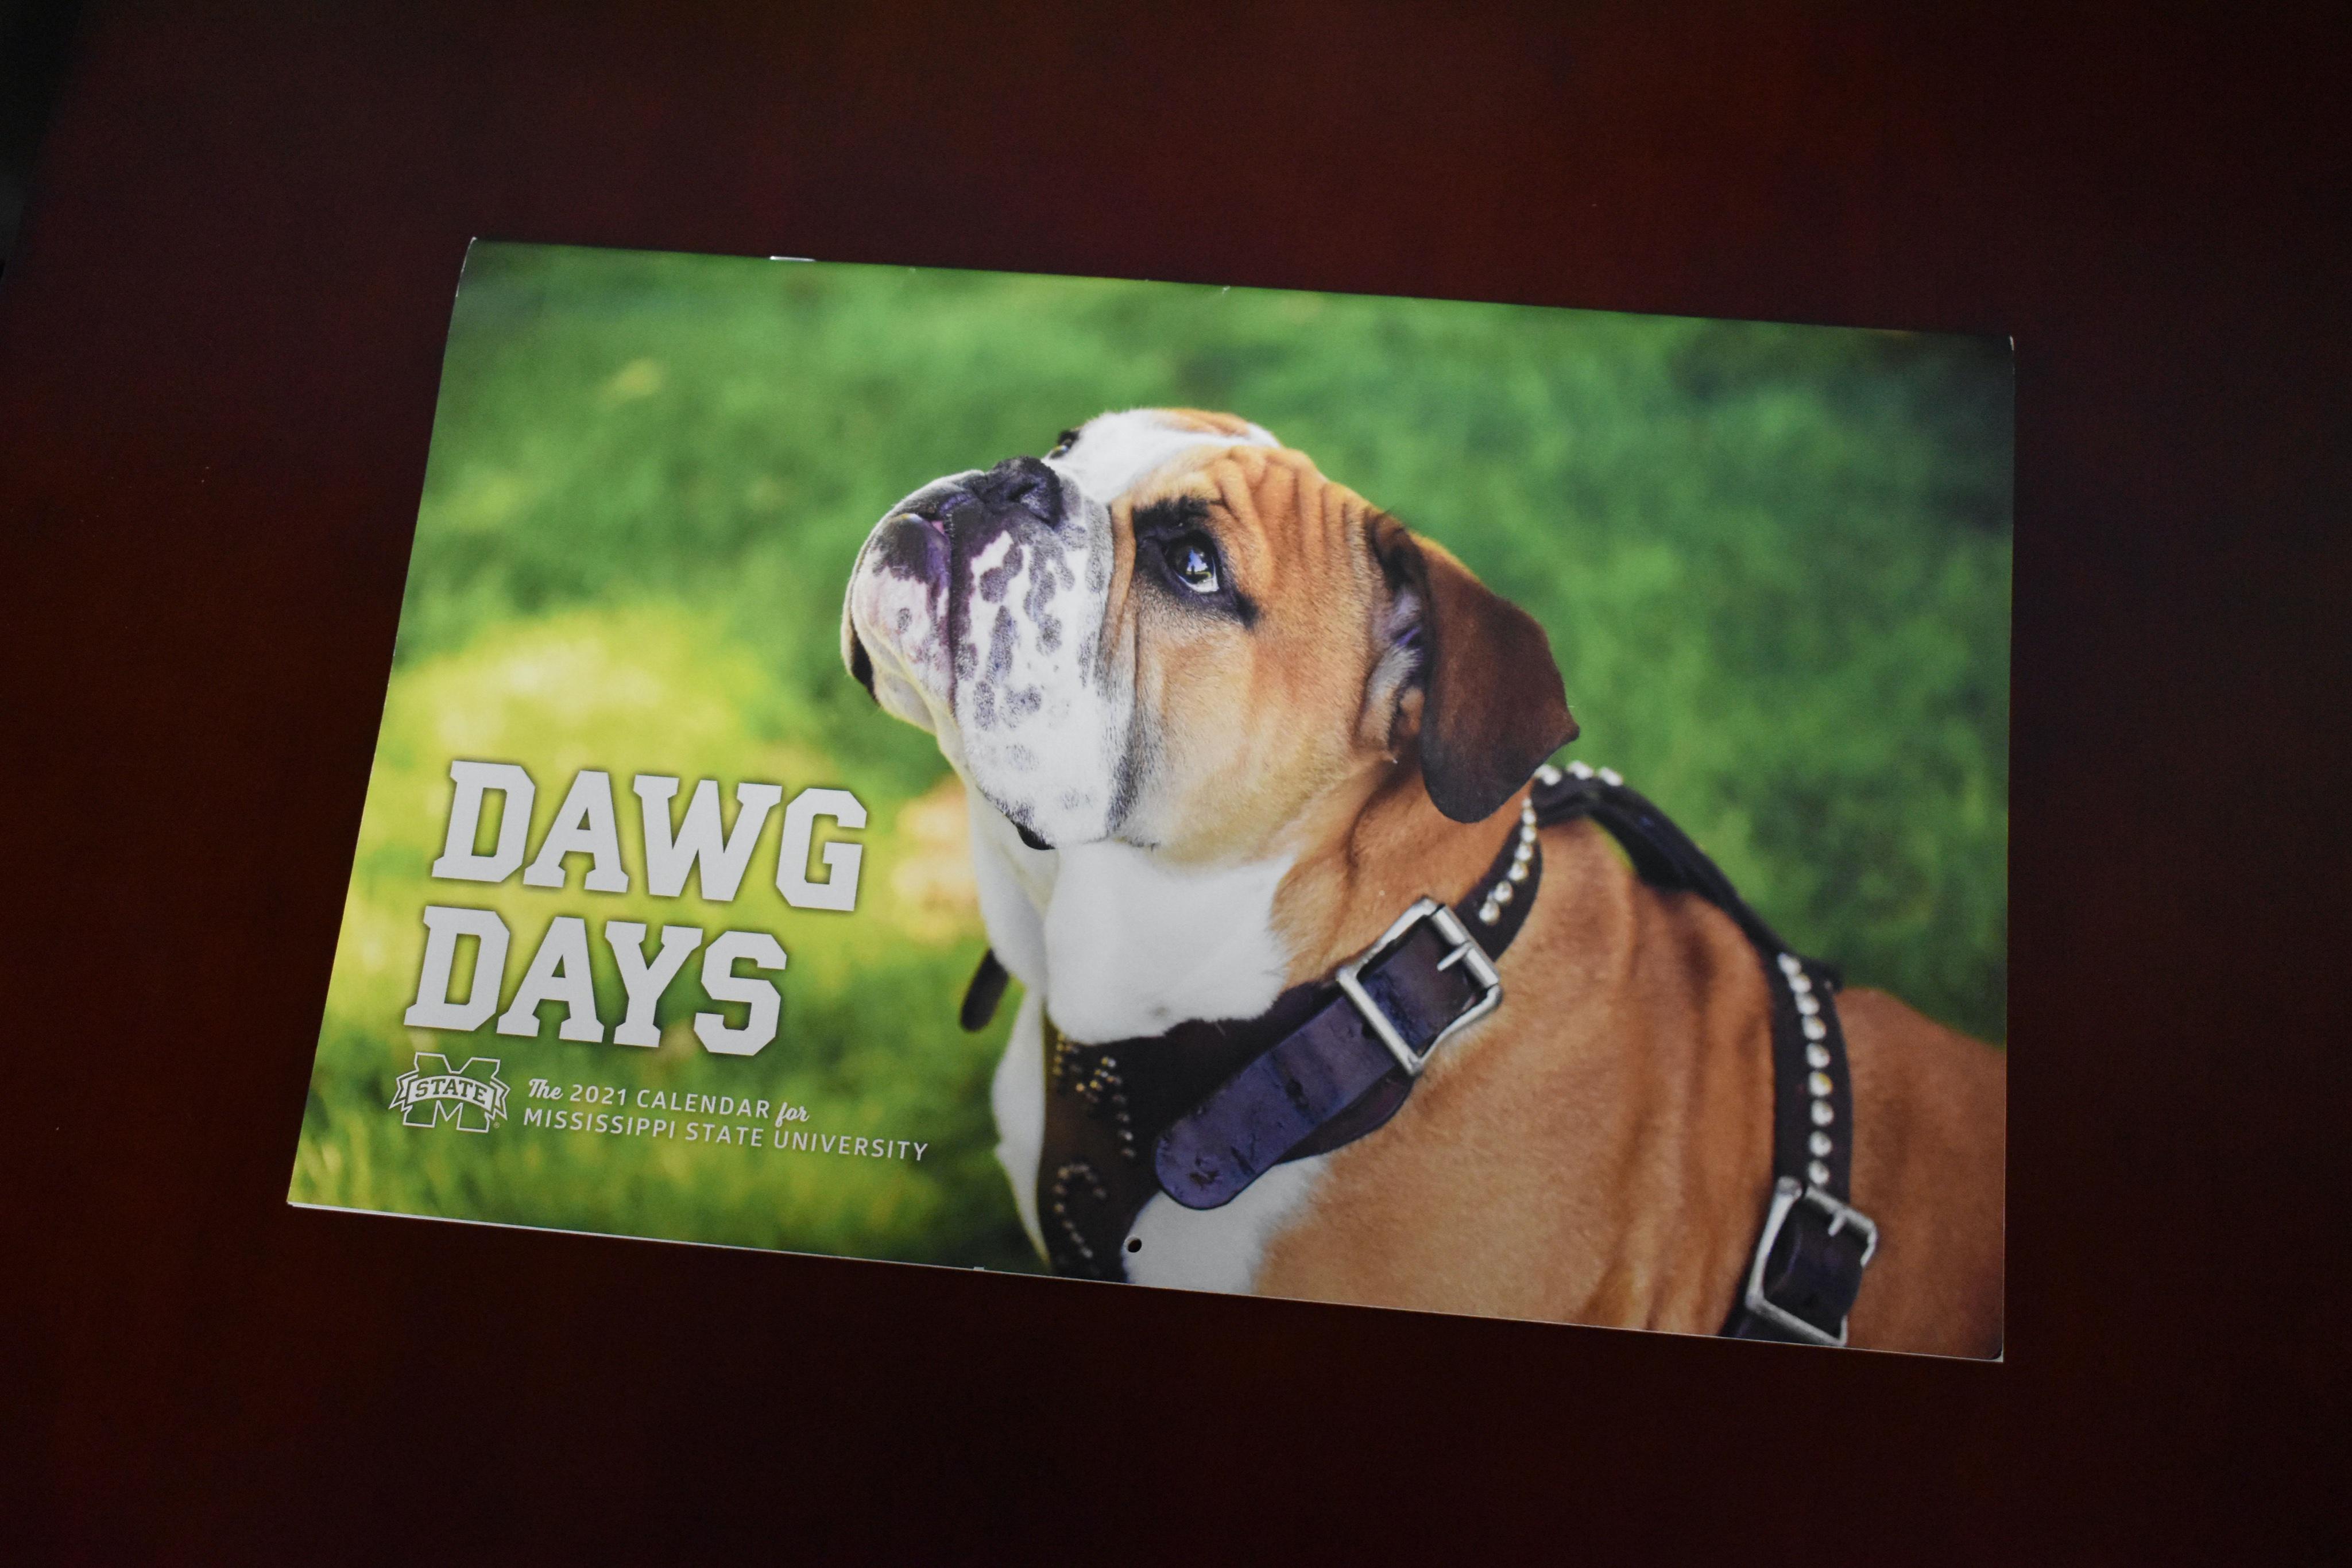 Msu 2021 Calendar Order Deadline for Holiday Delivery: 2021 MSU Dawg Days Calendar